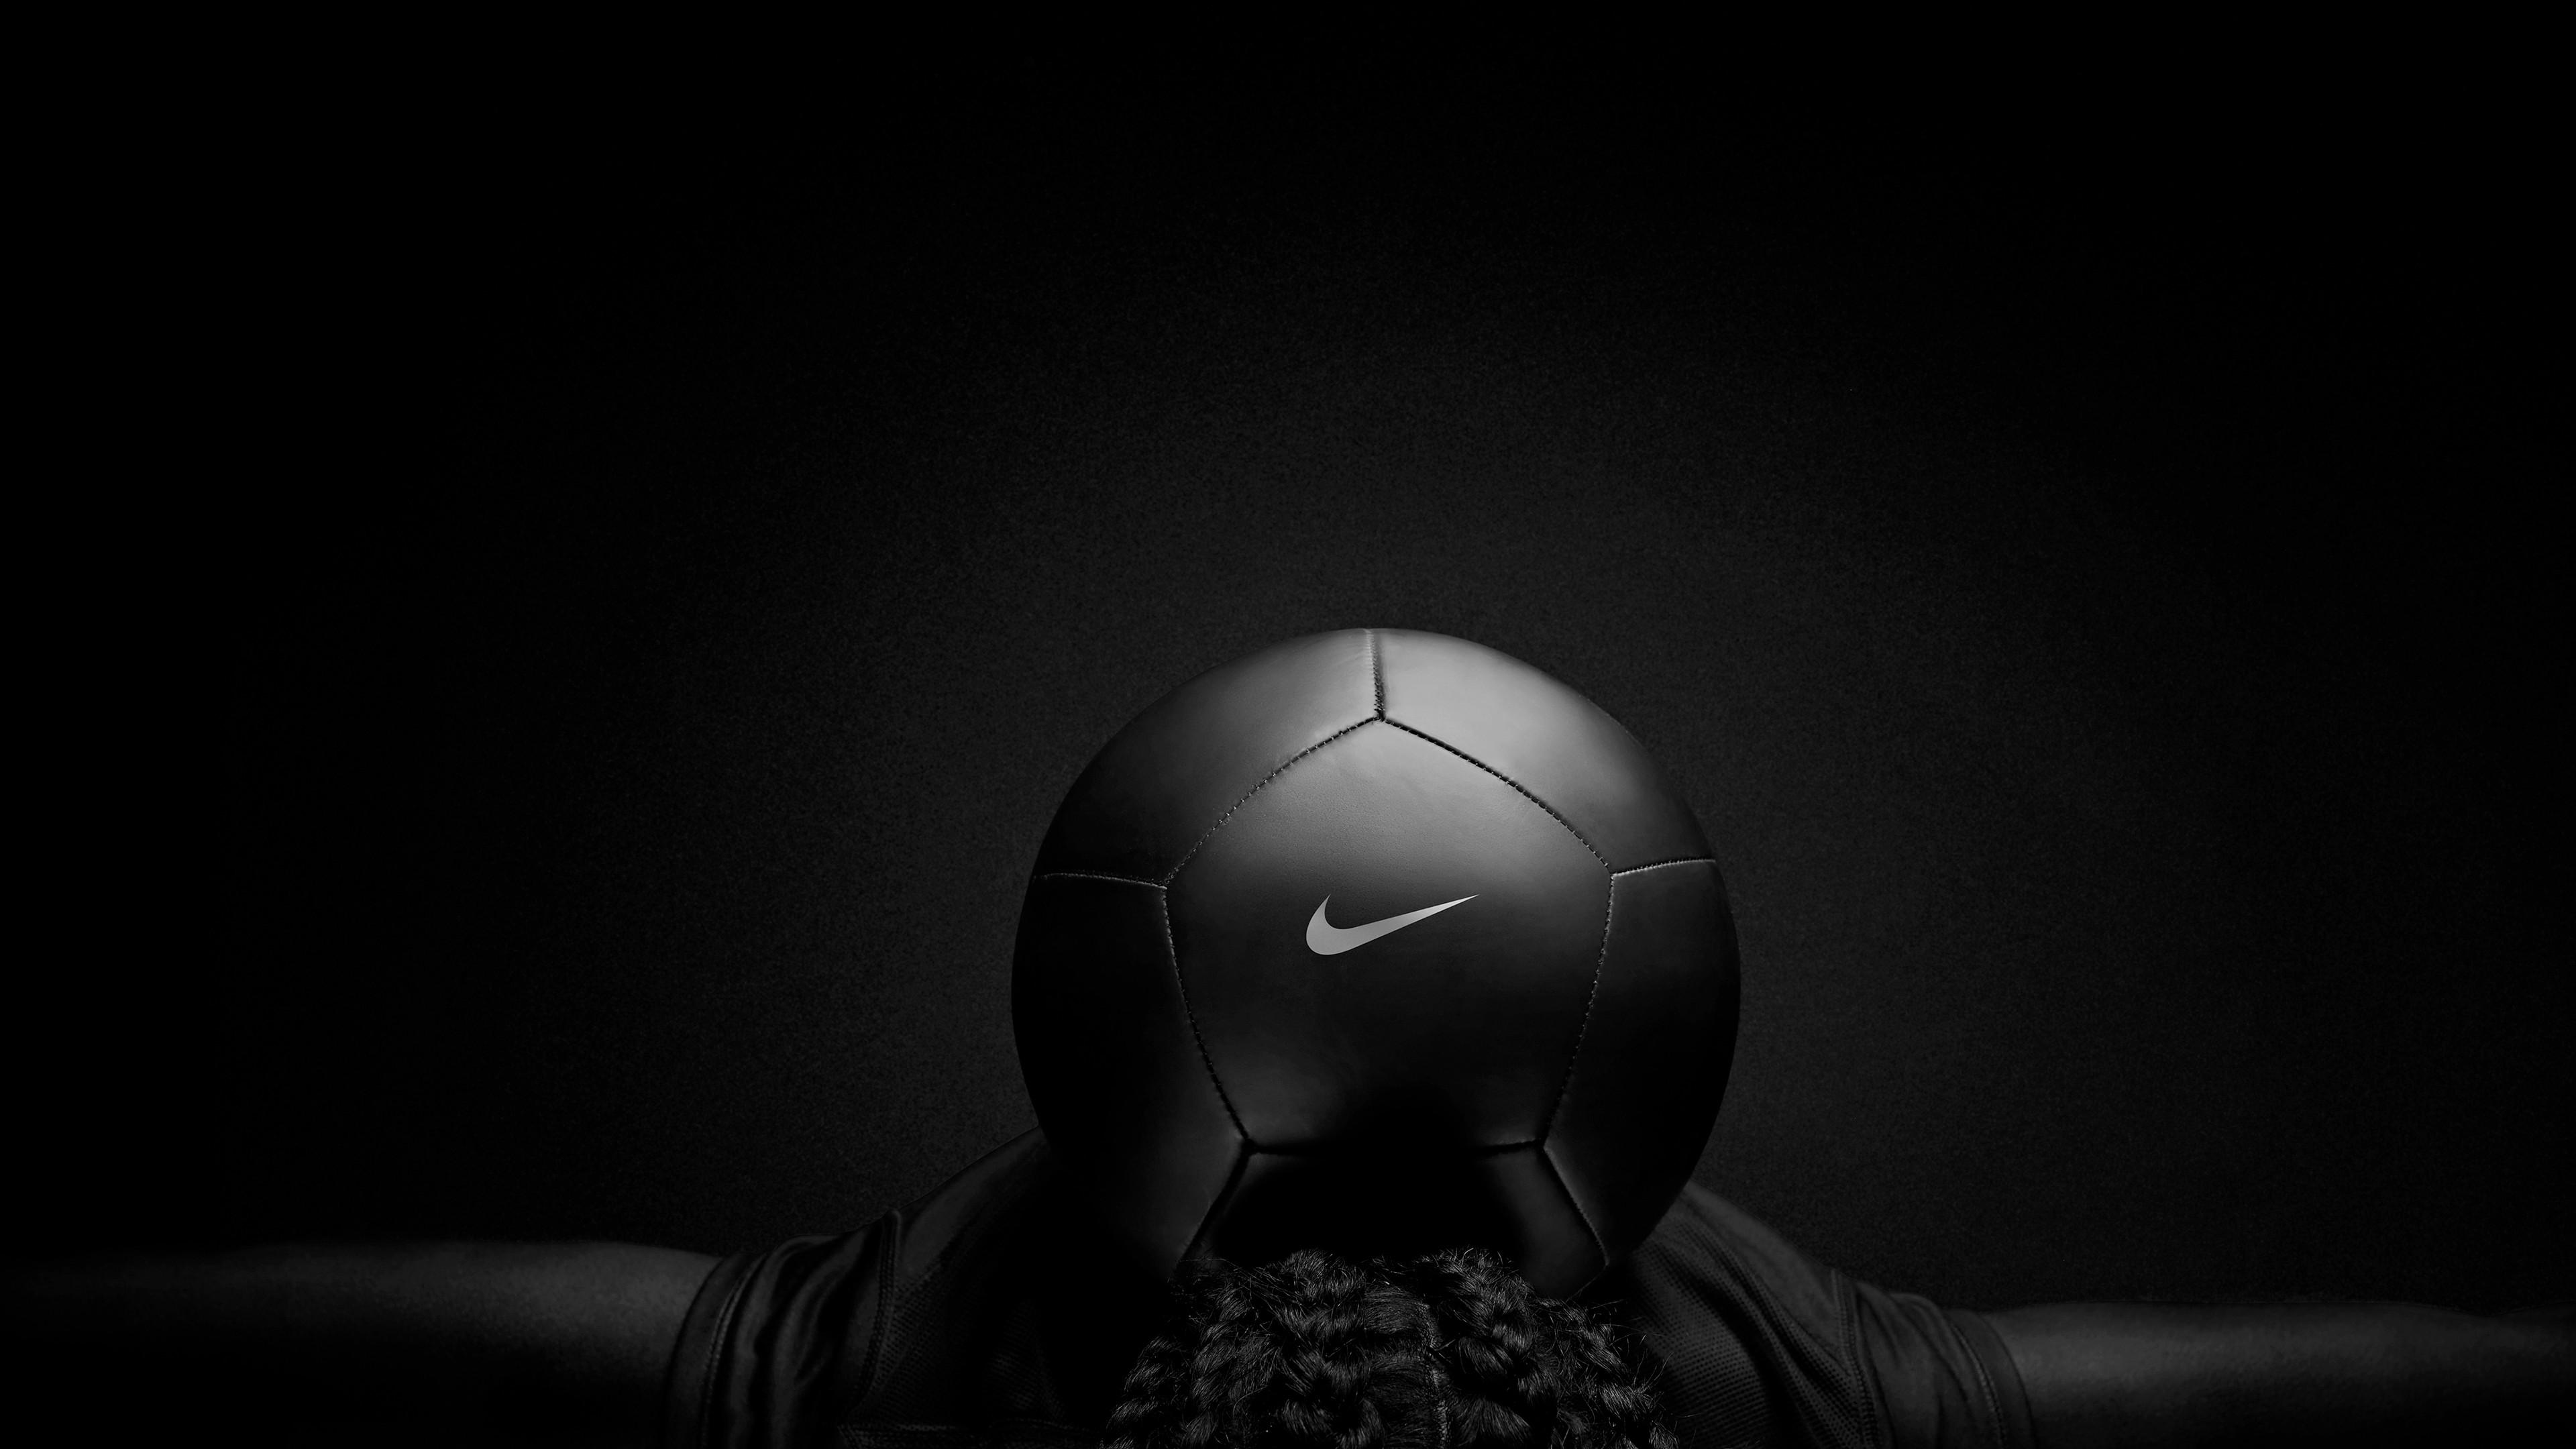 Res: 3840x2160, Nike Black Play Football